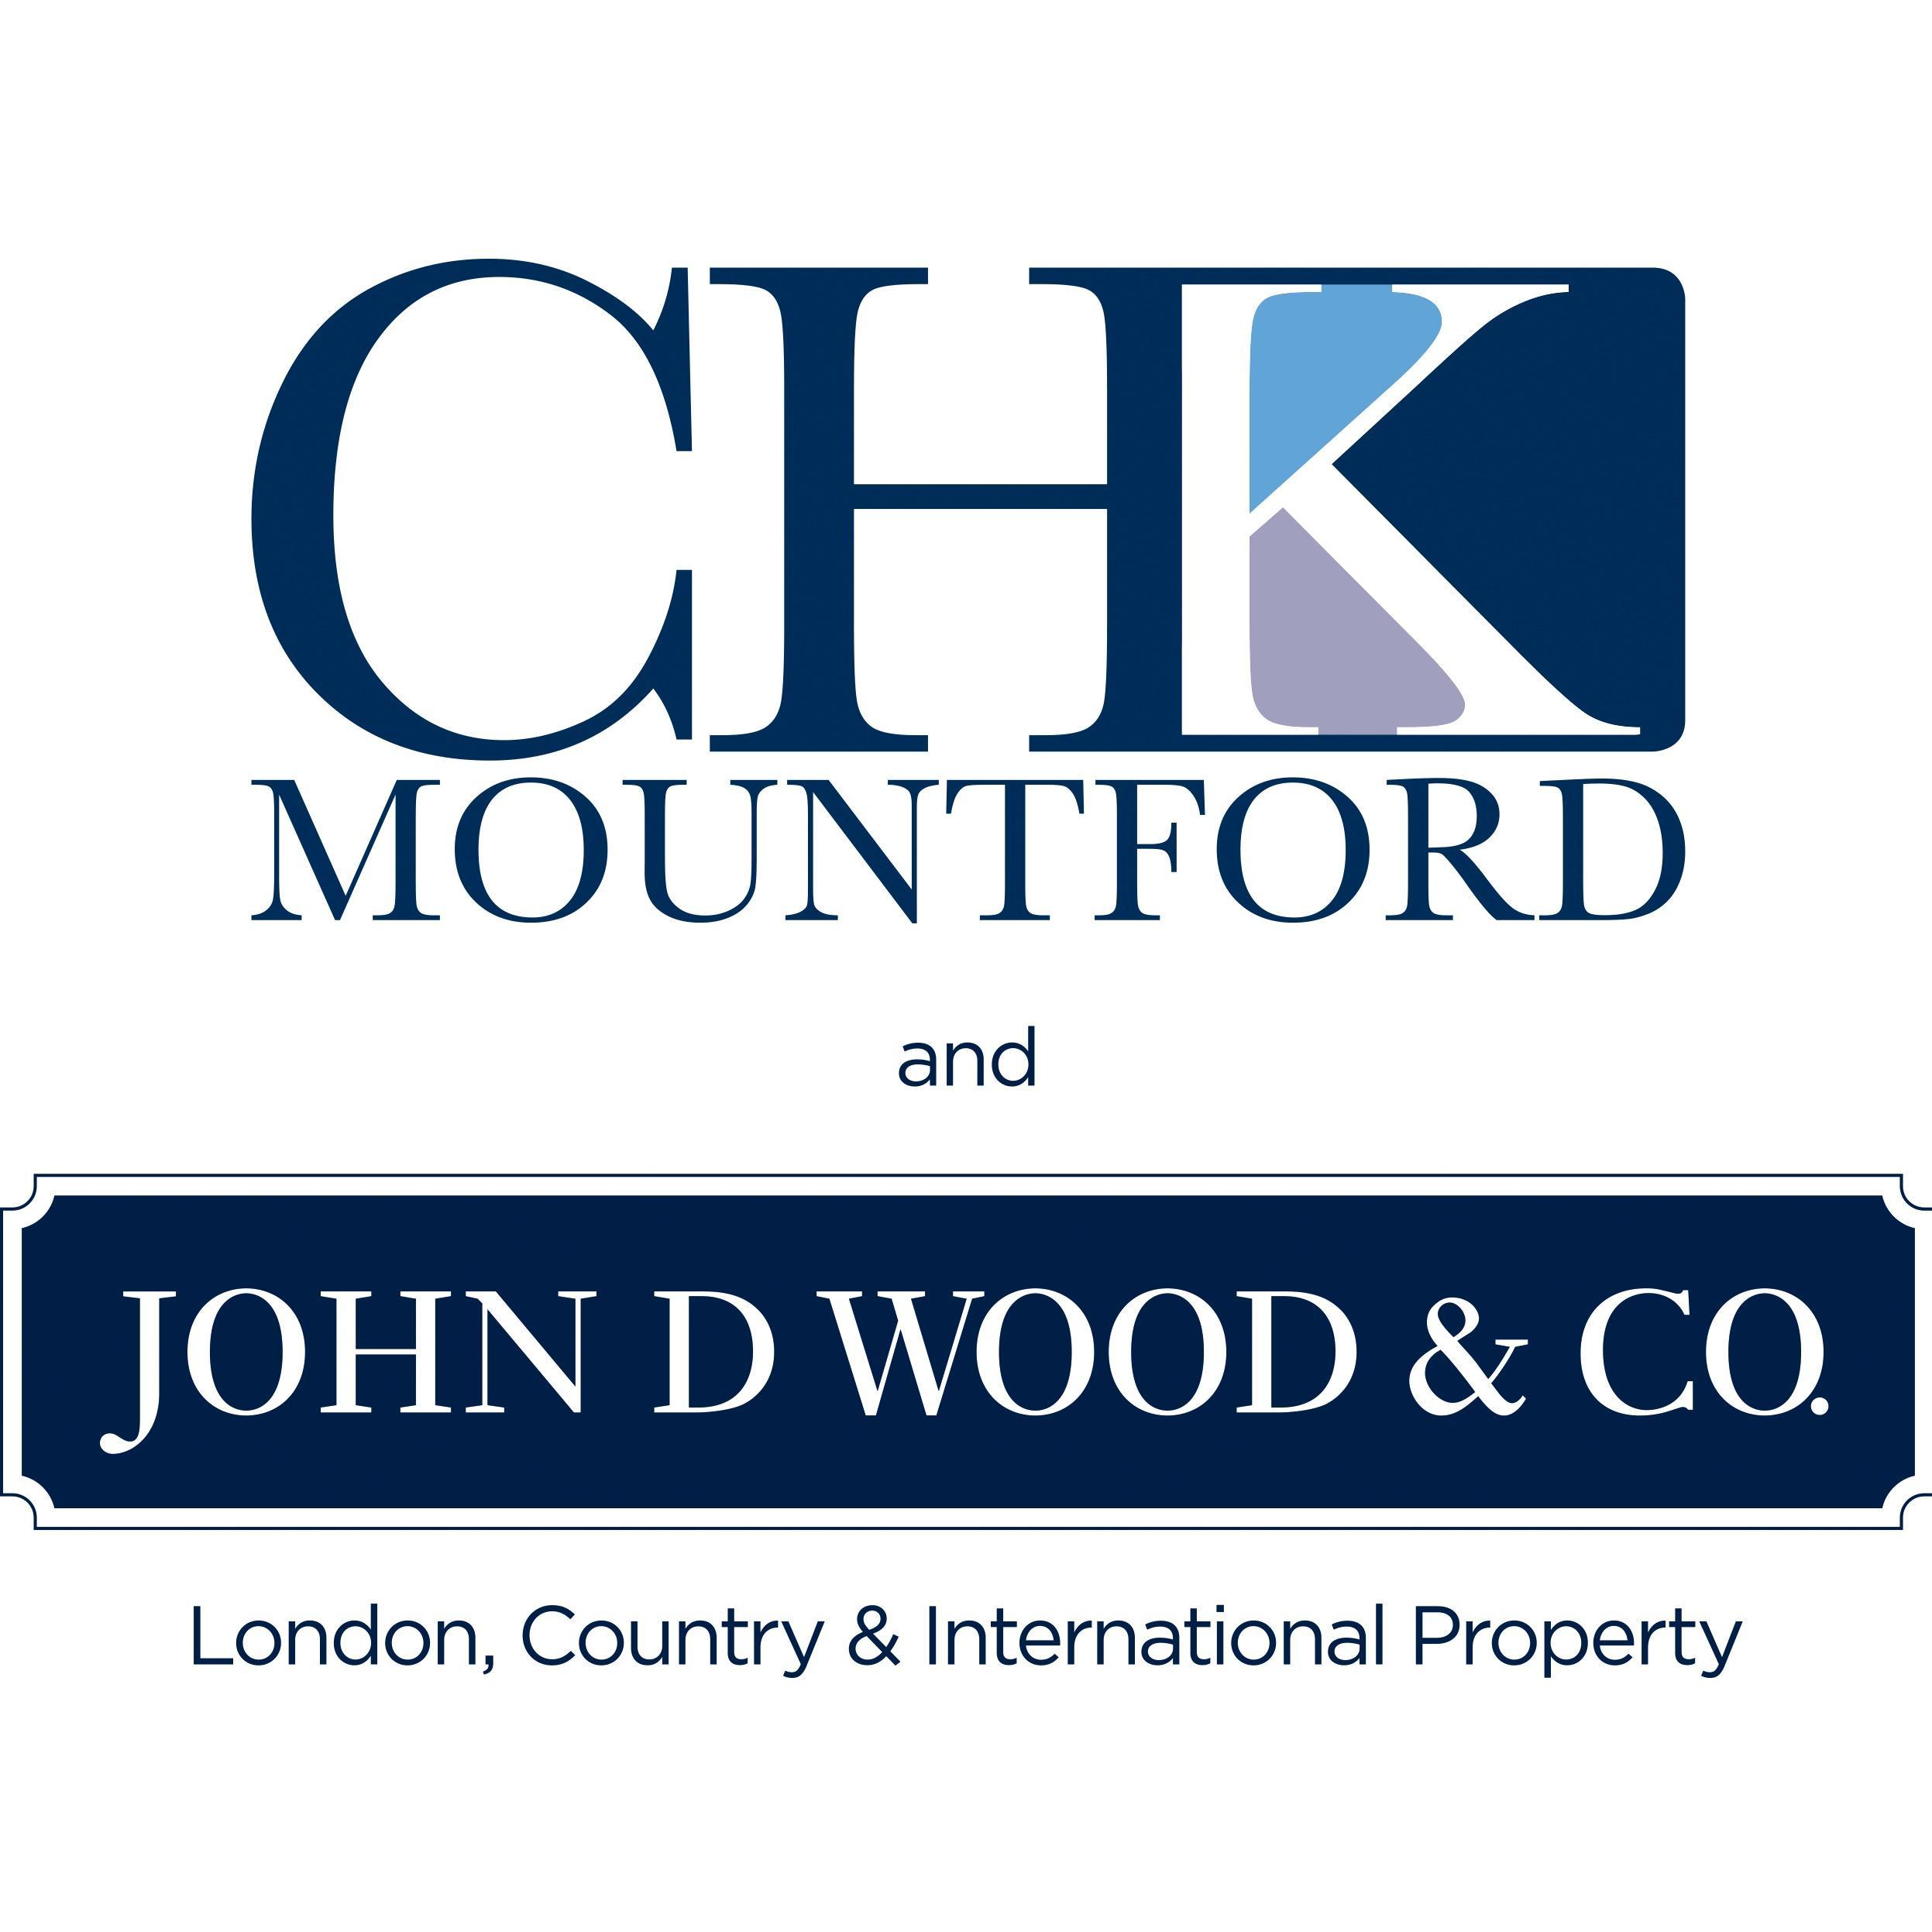 John D Wood & Co Estate Agents - Esher, Surrey KT10 9RQ - 01372 390463 | ShowMeLocal.com